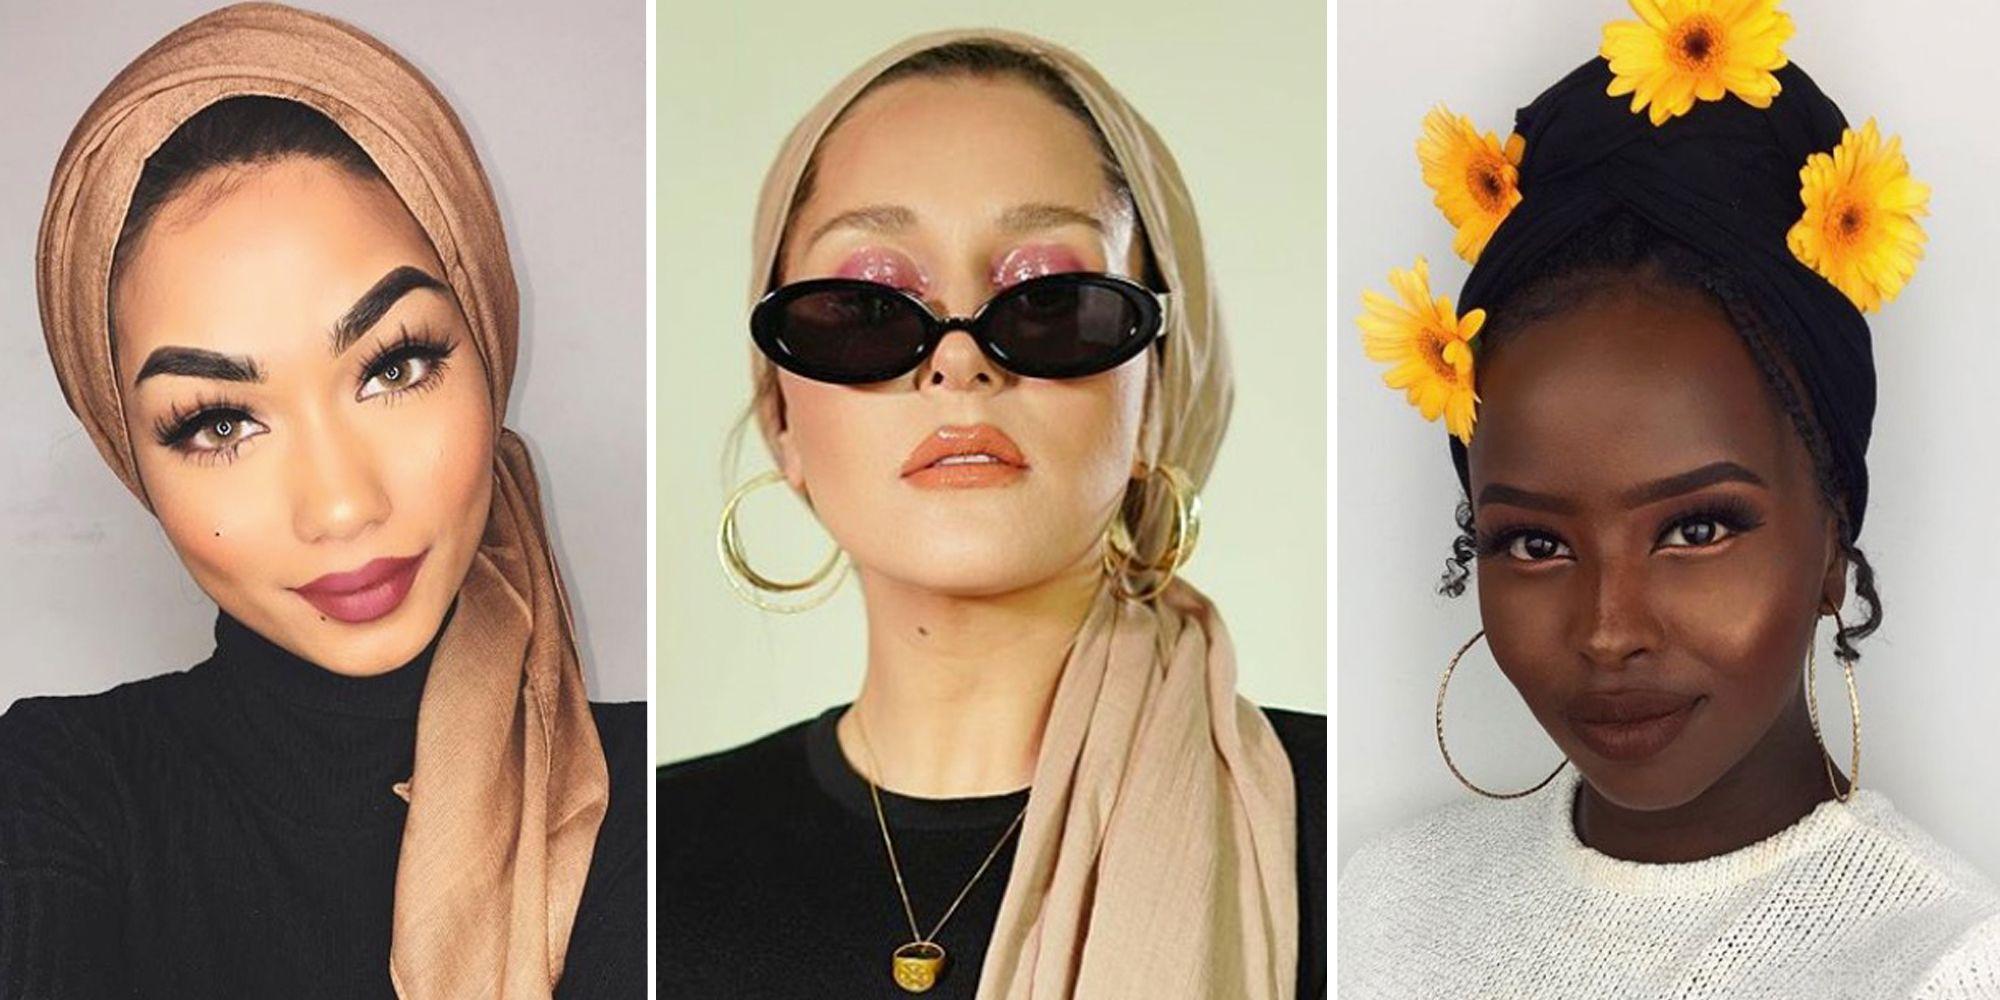 Hijabi Beauty Influencers